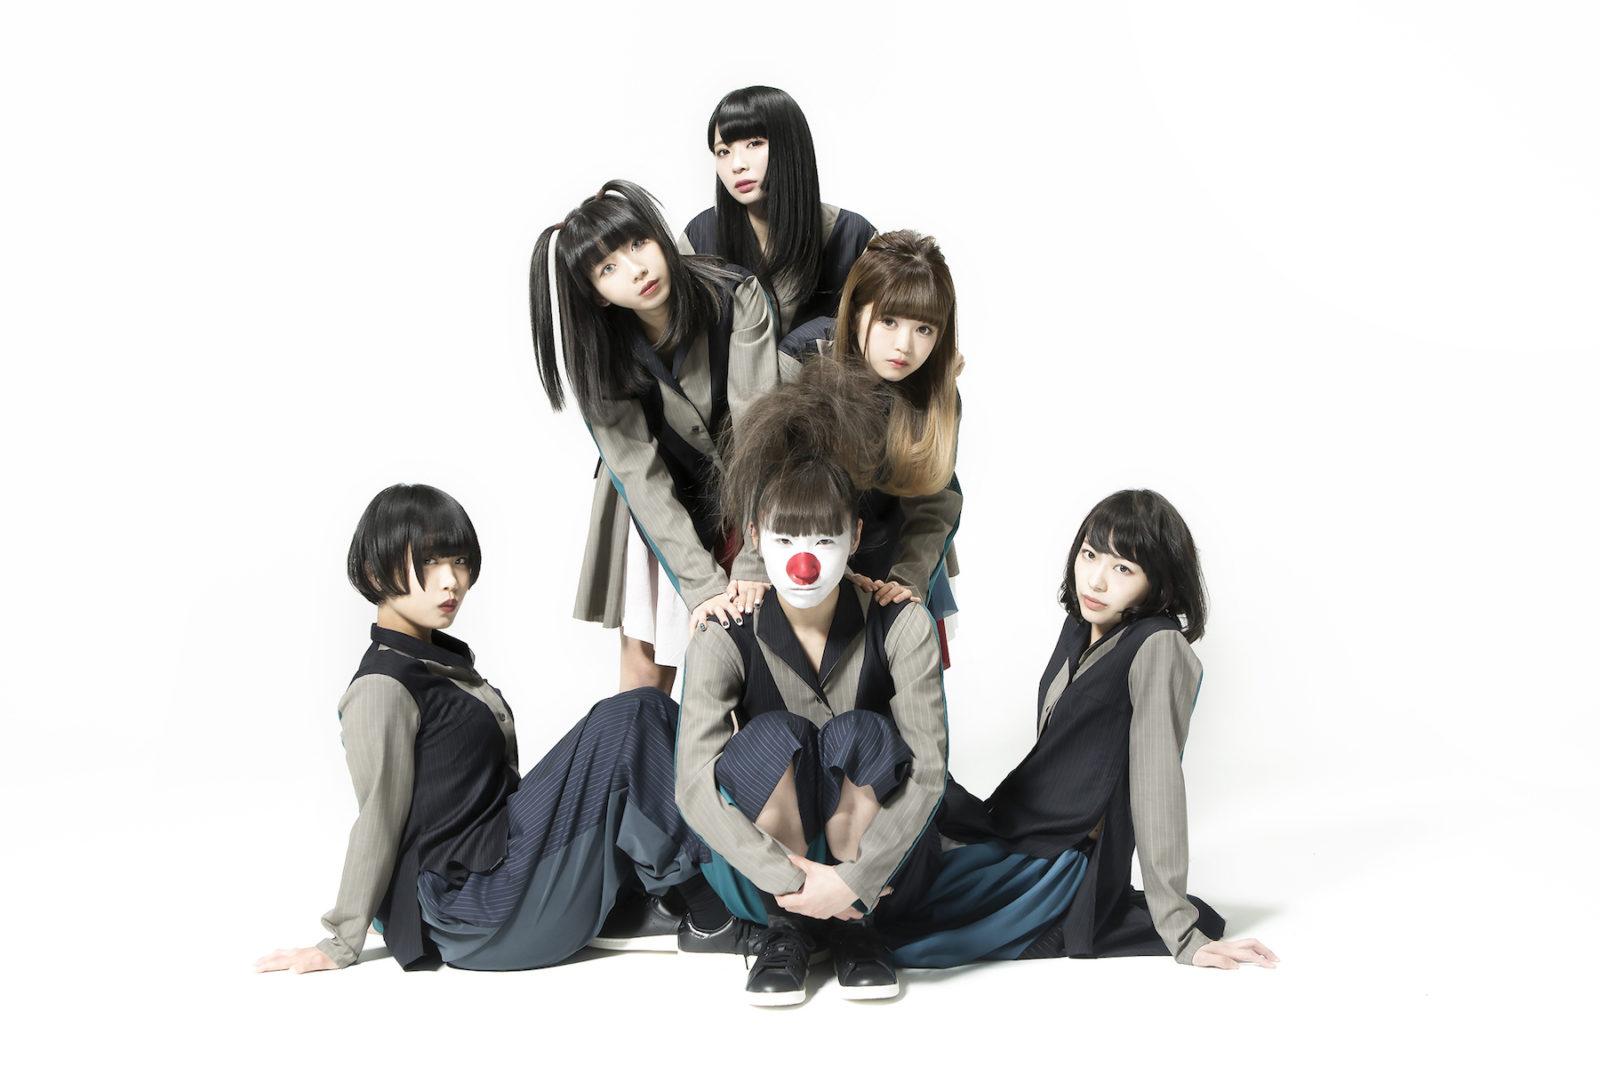 新生BiS、6人体制での新曲「WHOLE LOTTA LOVE」MV公開サムネイル画像